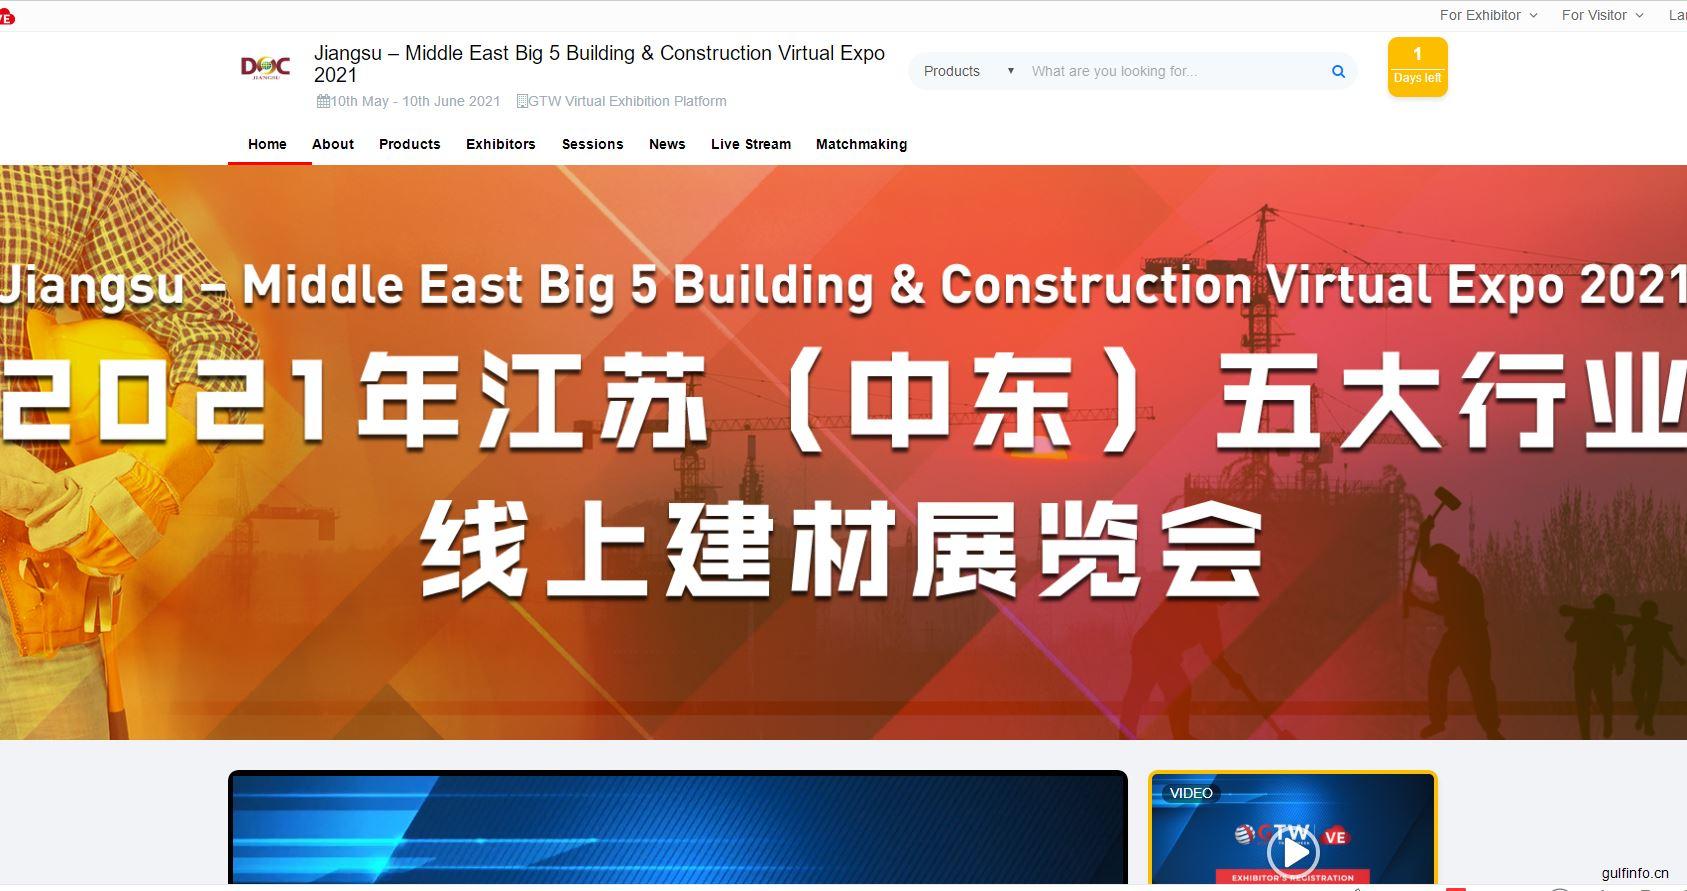 2021年江苏(中东)五大行业线上建材展览会将于5月10日举办